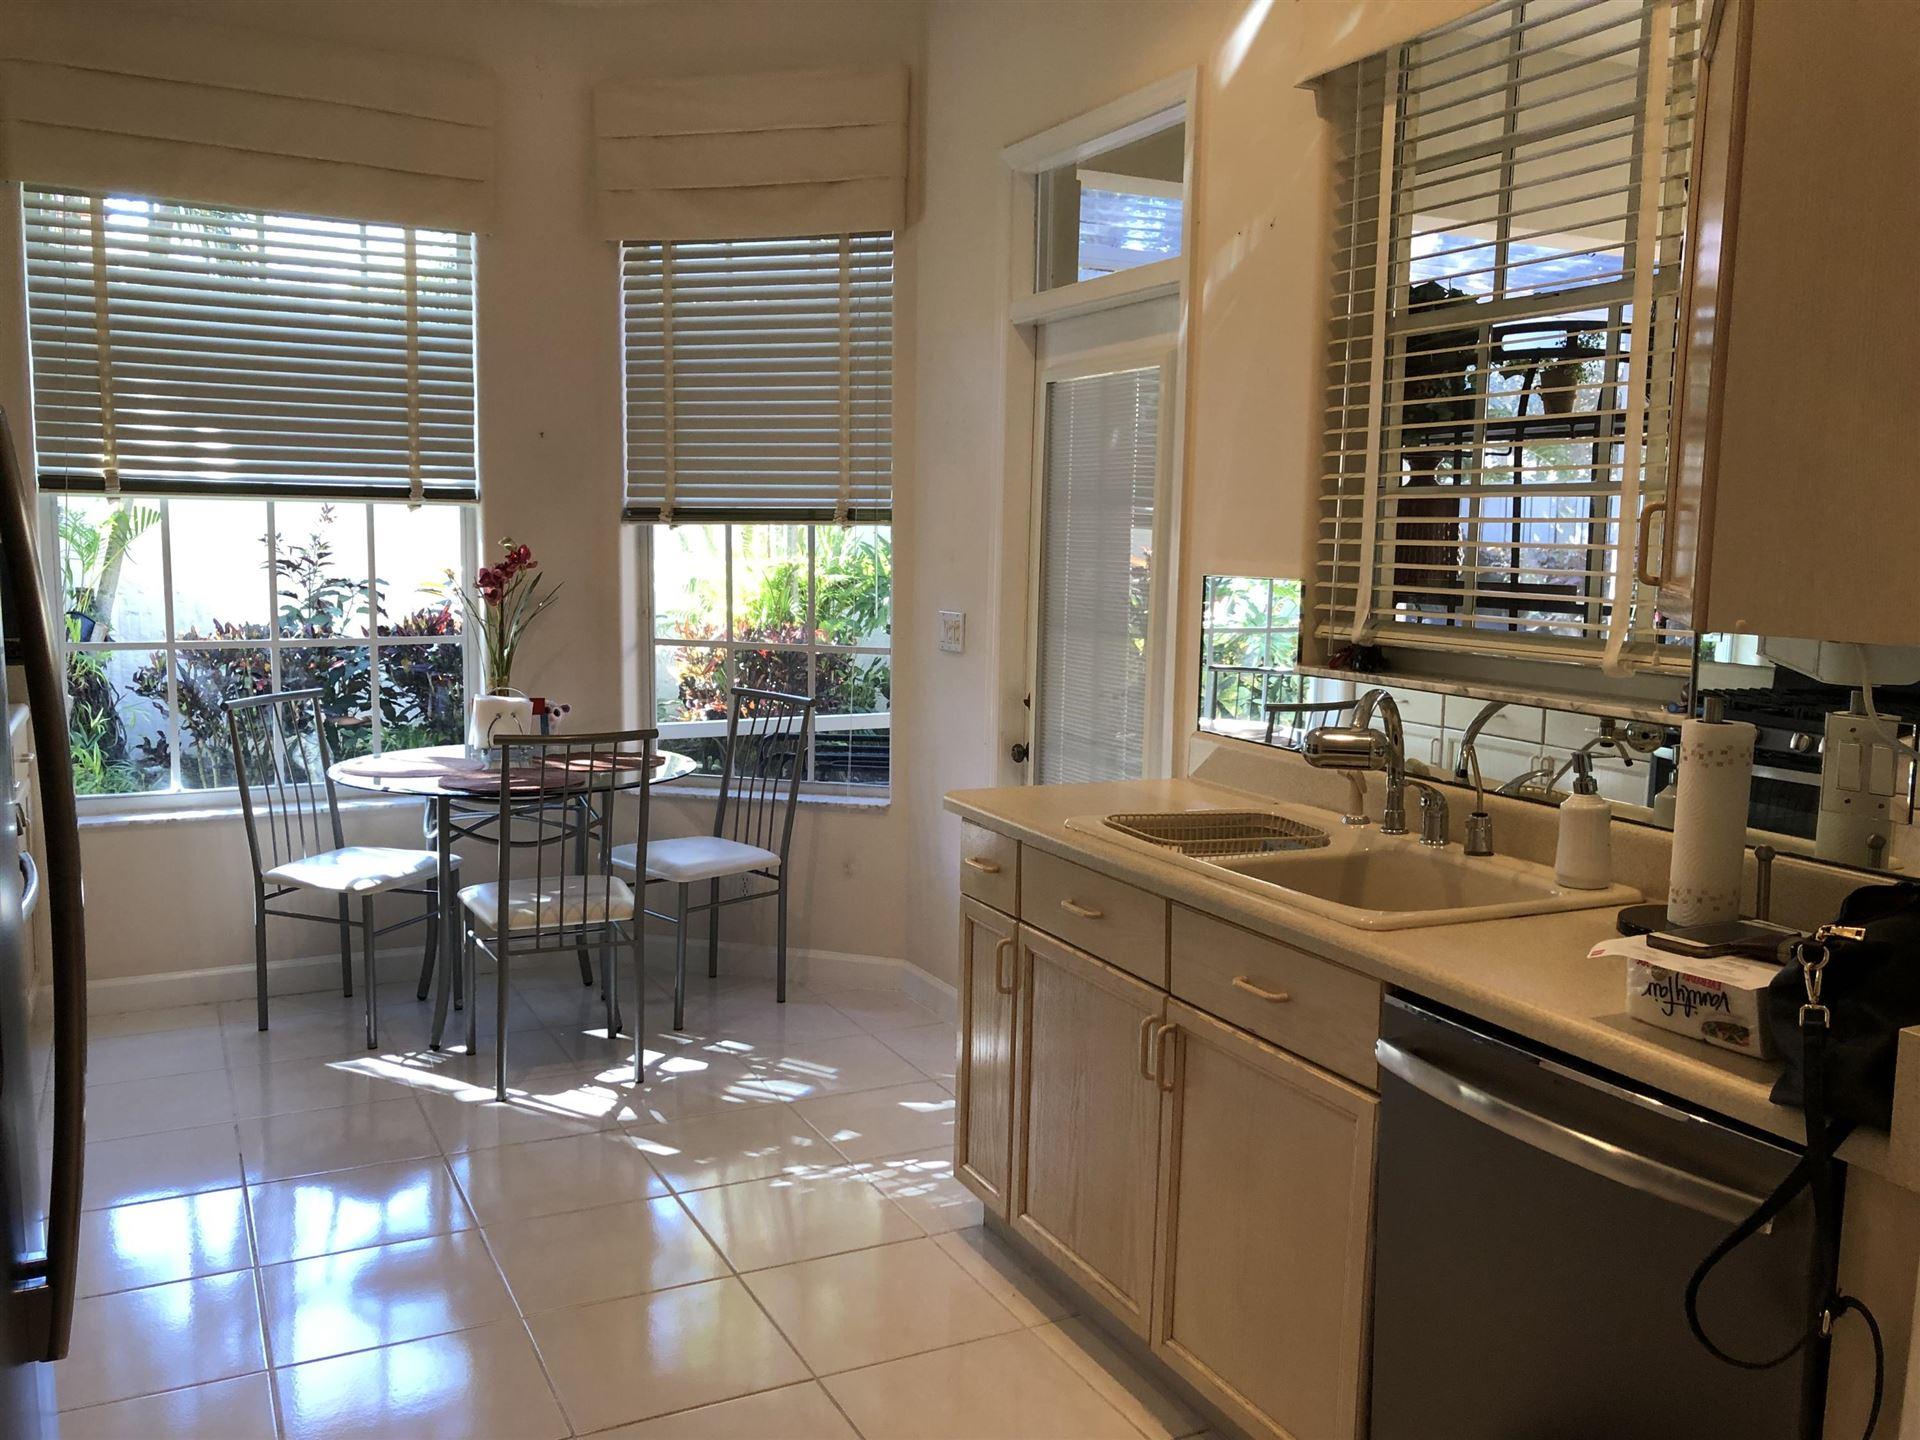 Photo of 132 Monterey Pointe Drive, Palm Beach Gardens, FL 33418 (MLS # RX-10603911)